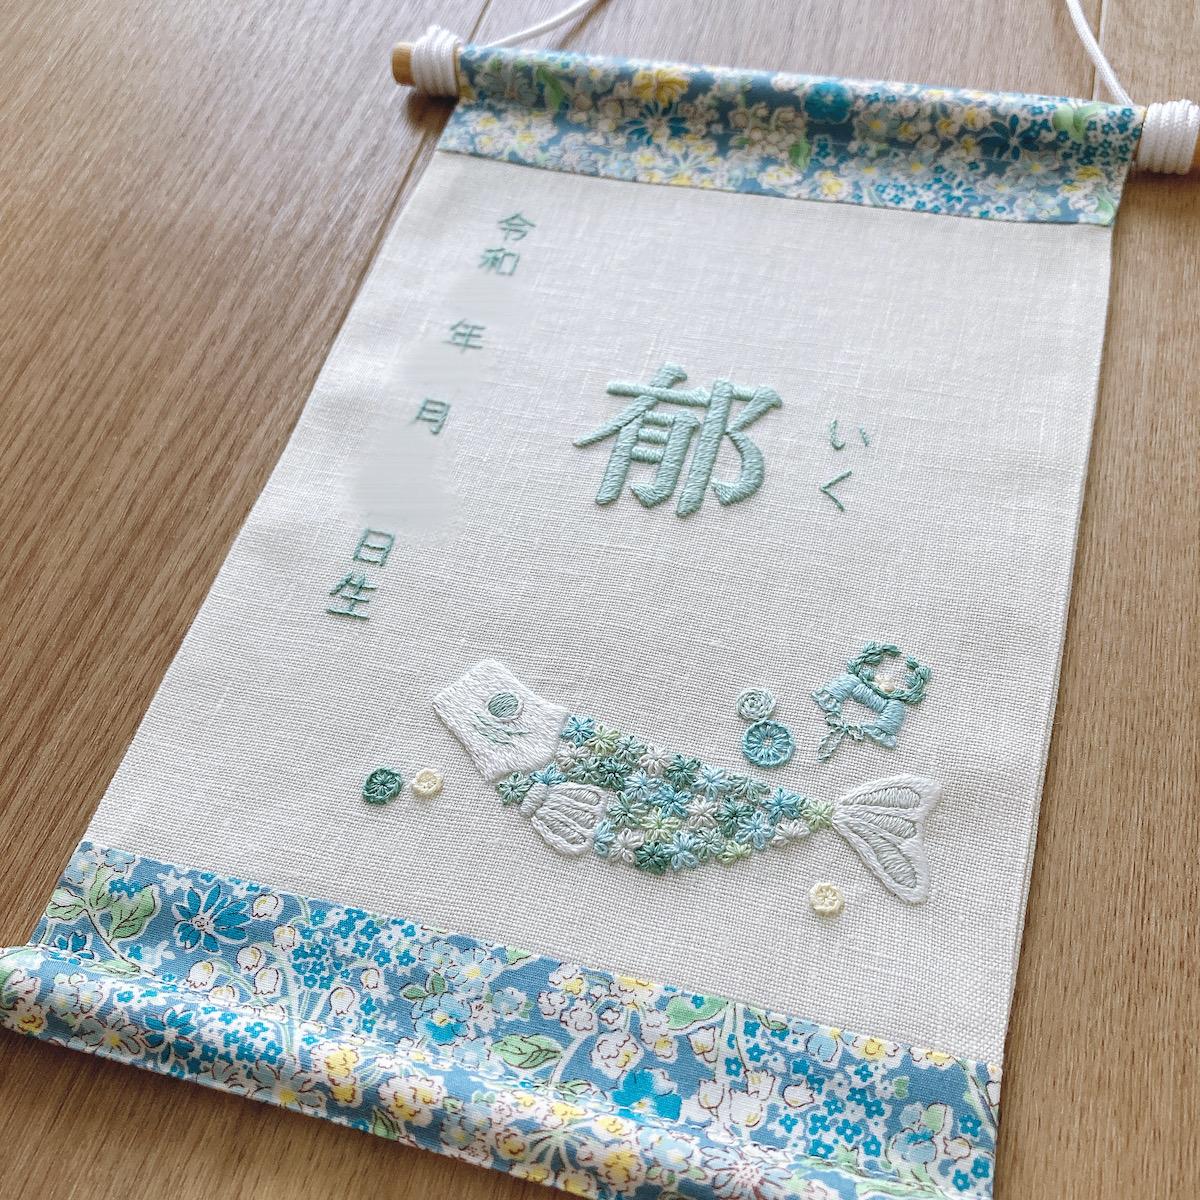 鯉のぼり刺繍命旗ハンドメイド